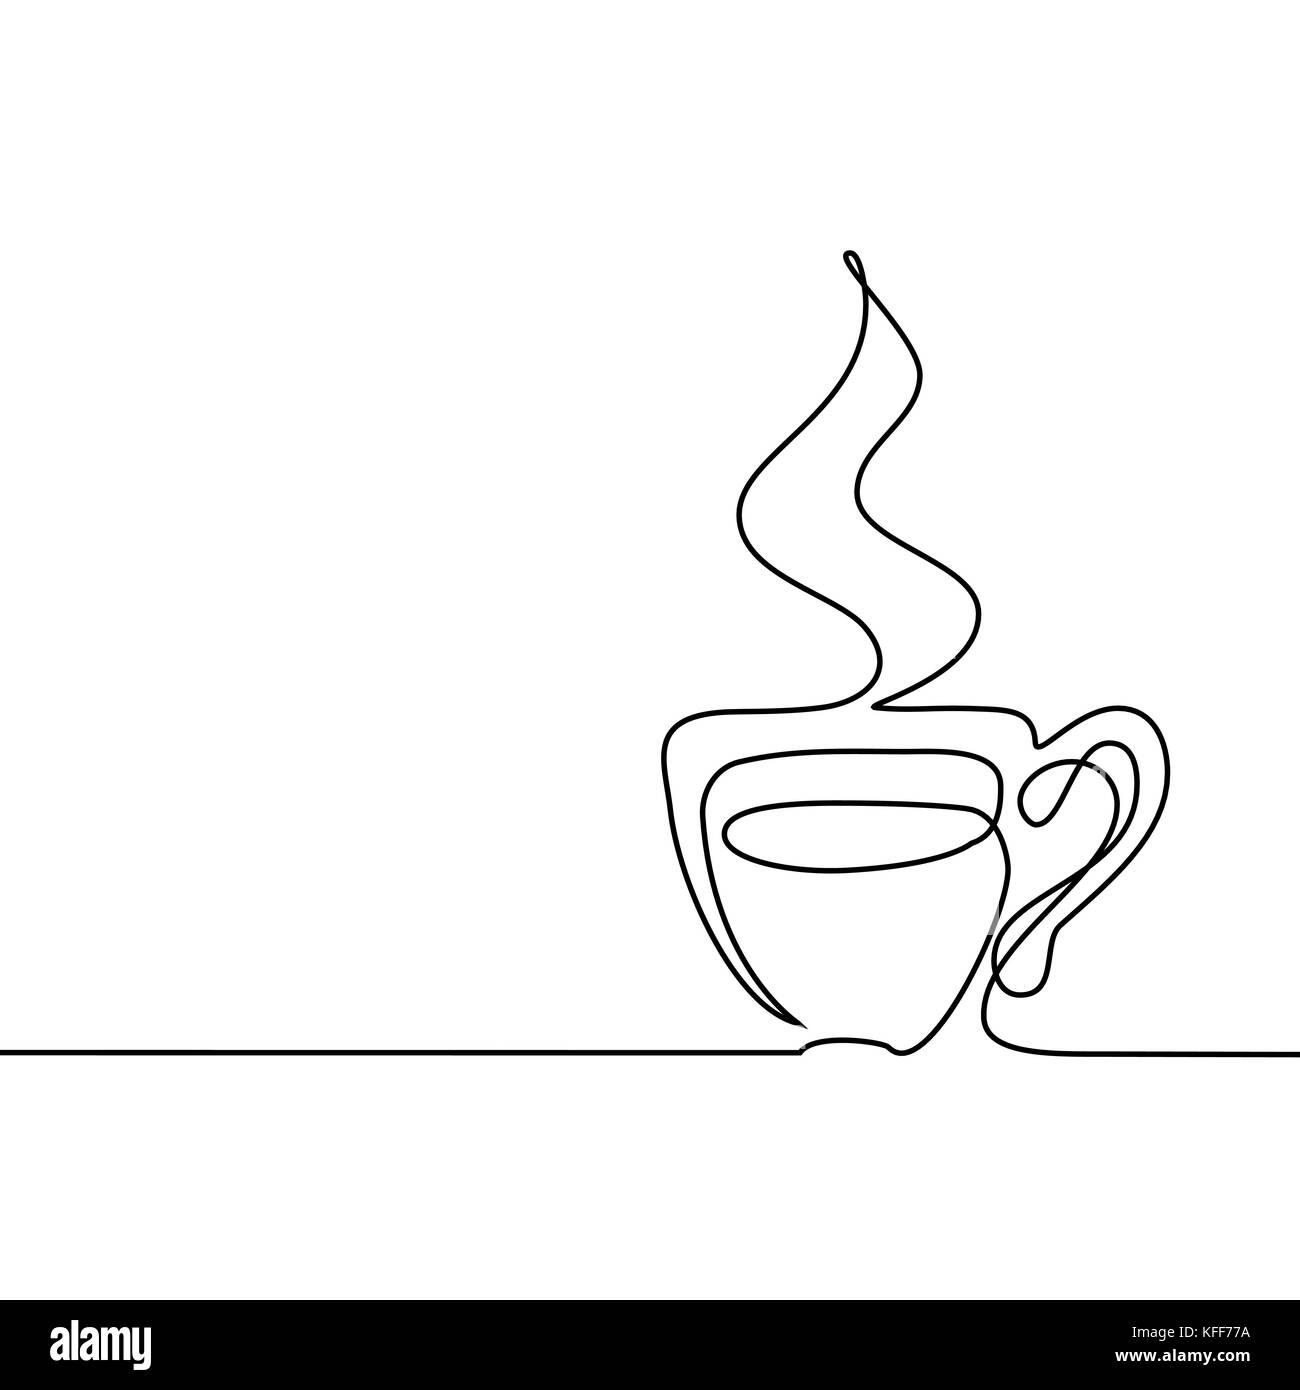 linha contínua desenho da xícara de café ilustração vetorial